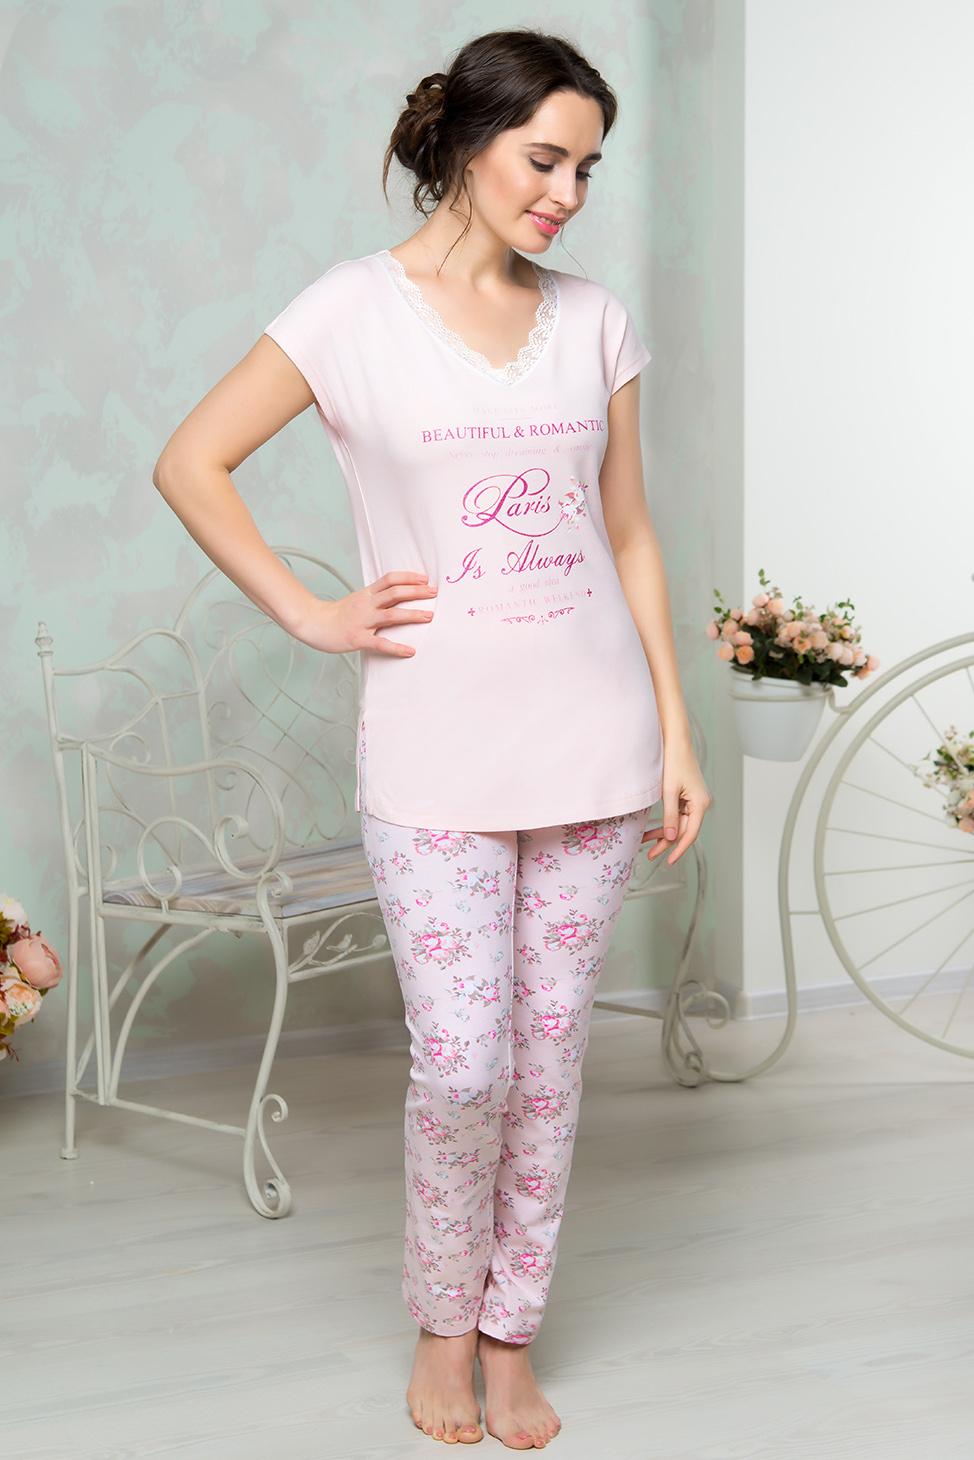 Пижамы Mia Cara Пижама Juliet Цвет: Розовый (xxL) пижамы mia cara пижама paisley цвет розовый m l